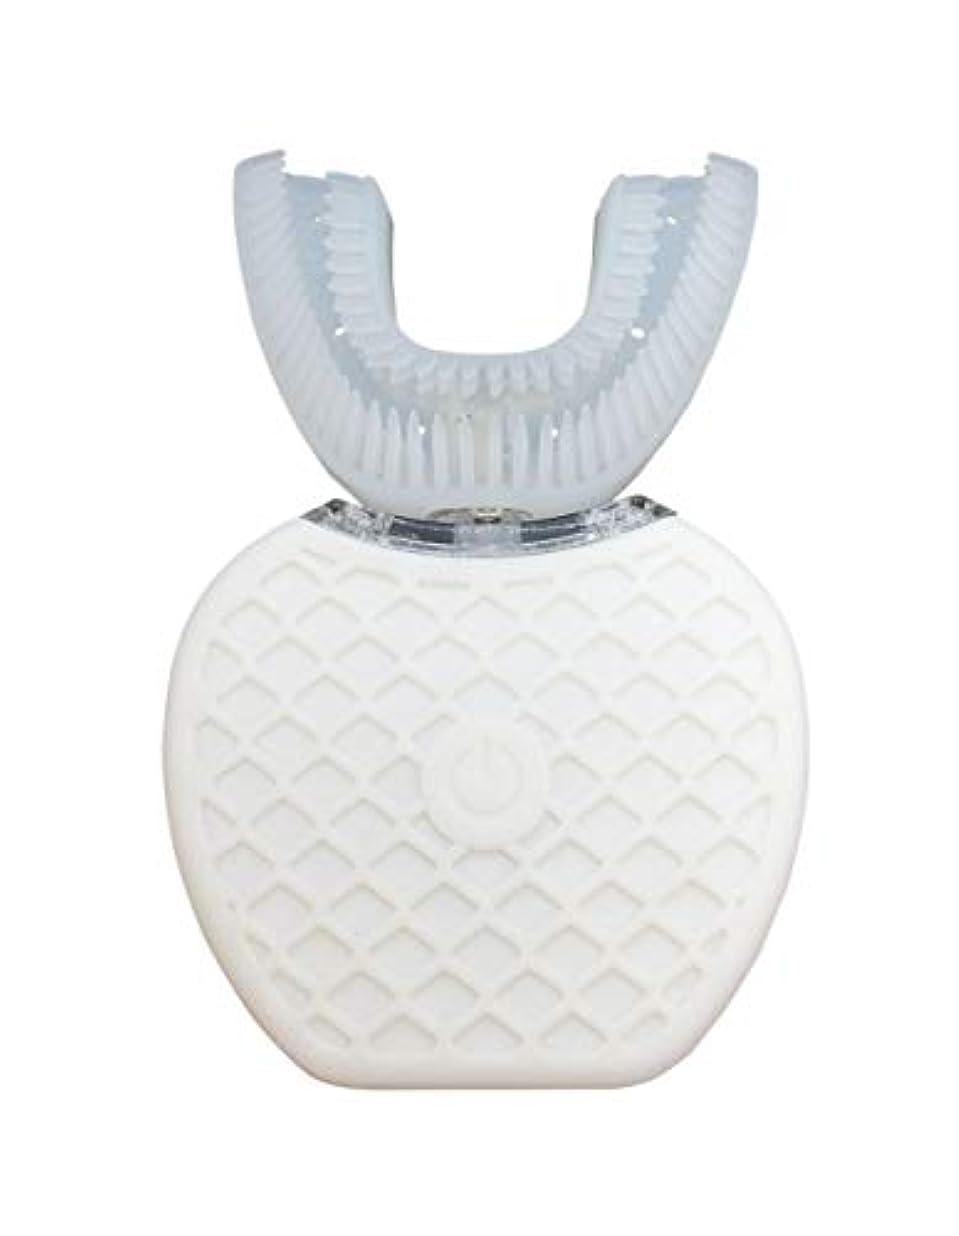 世界的に抜本的な不足Broadwatch 電動歯ブラシ U型 360° 全方位 360度 4段調節 IPX7レベル防水 自動 歯ブラシ ホワイトニング